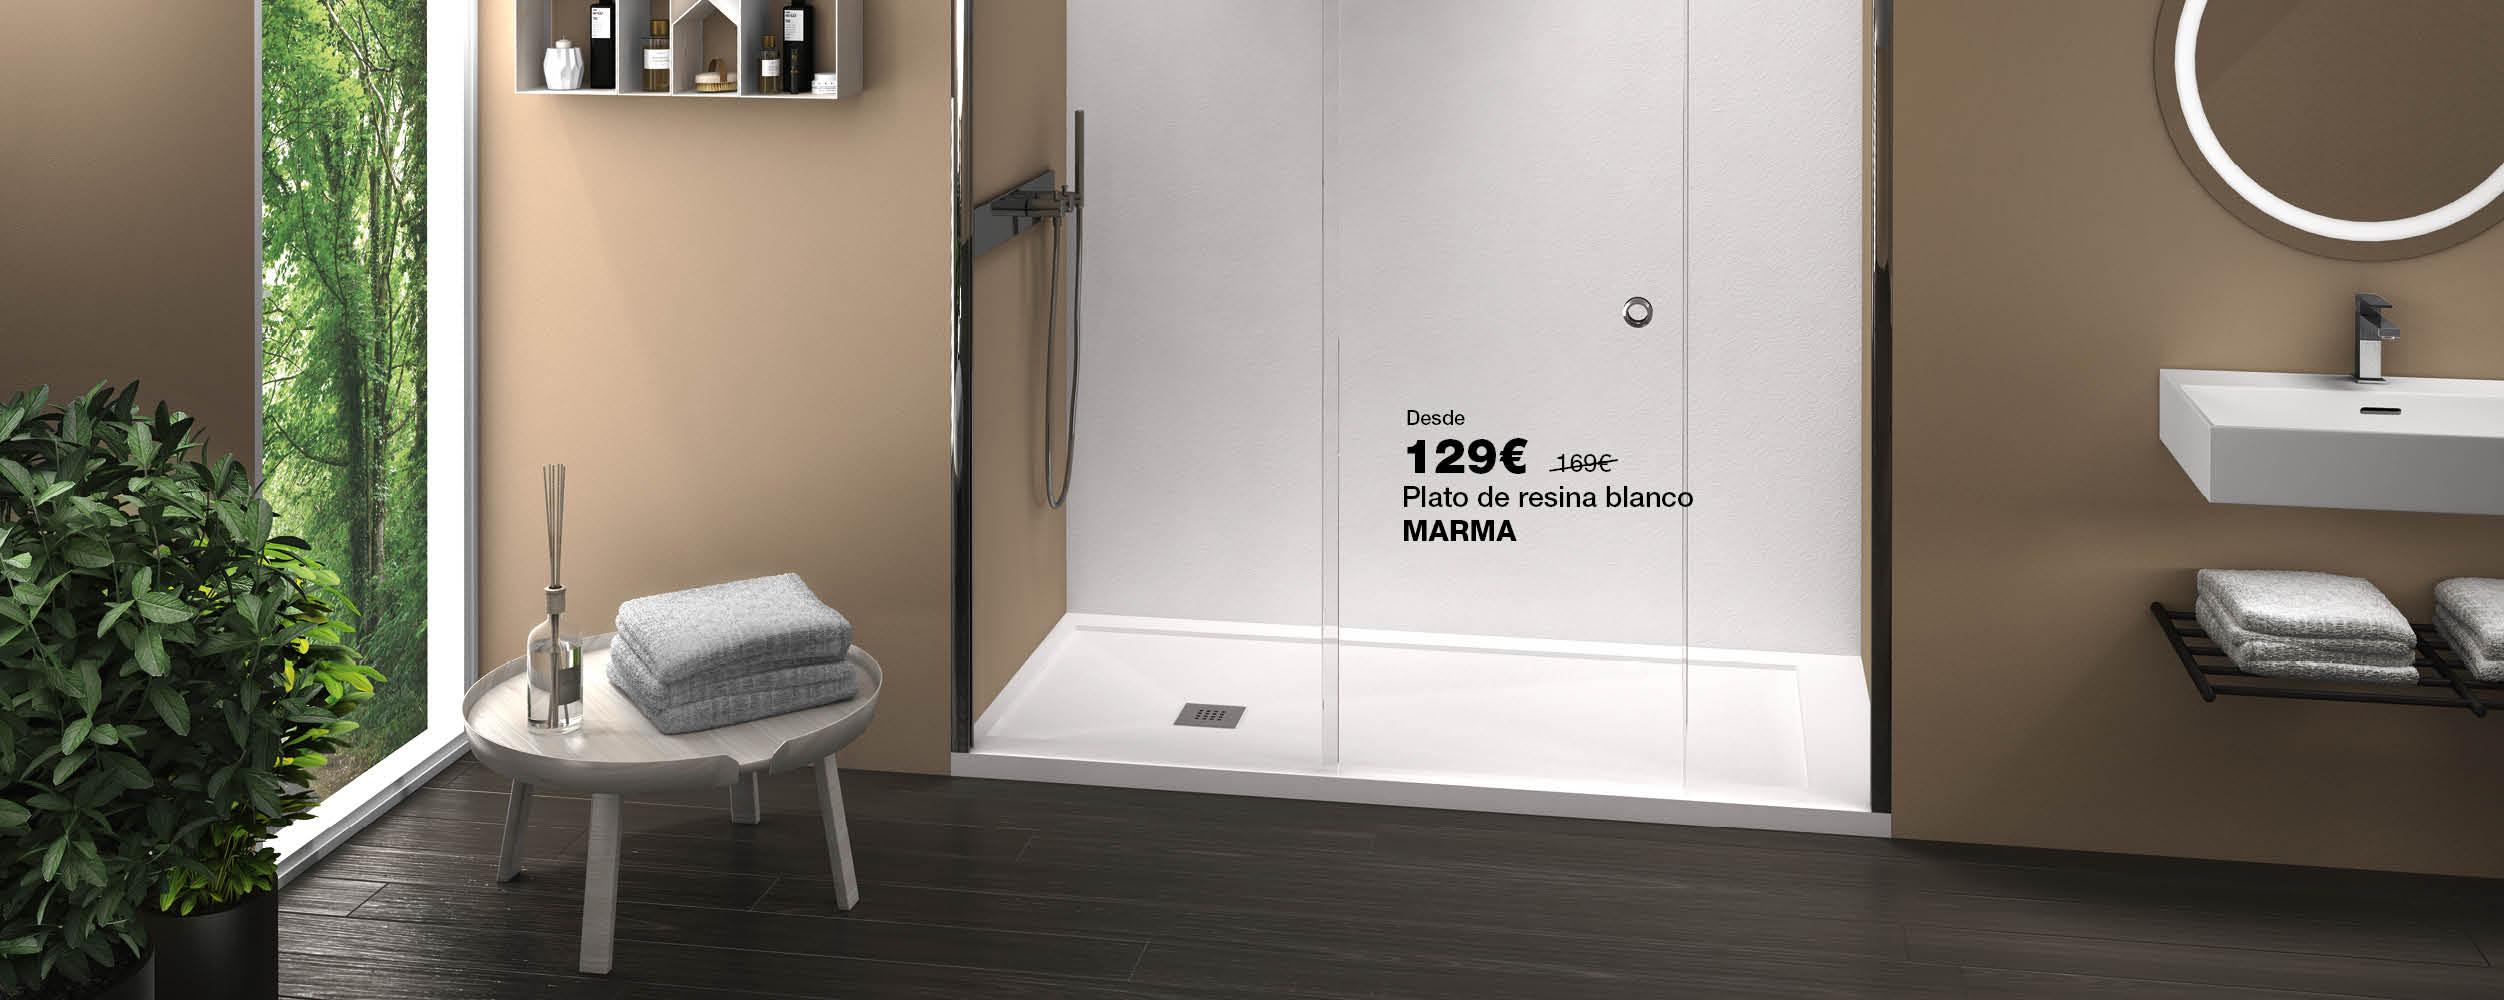 Plato de ducha MARMA desde 129€